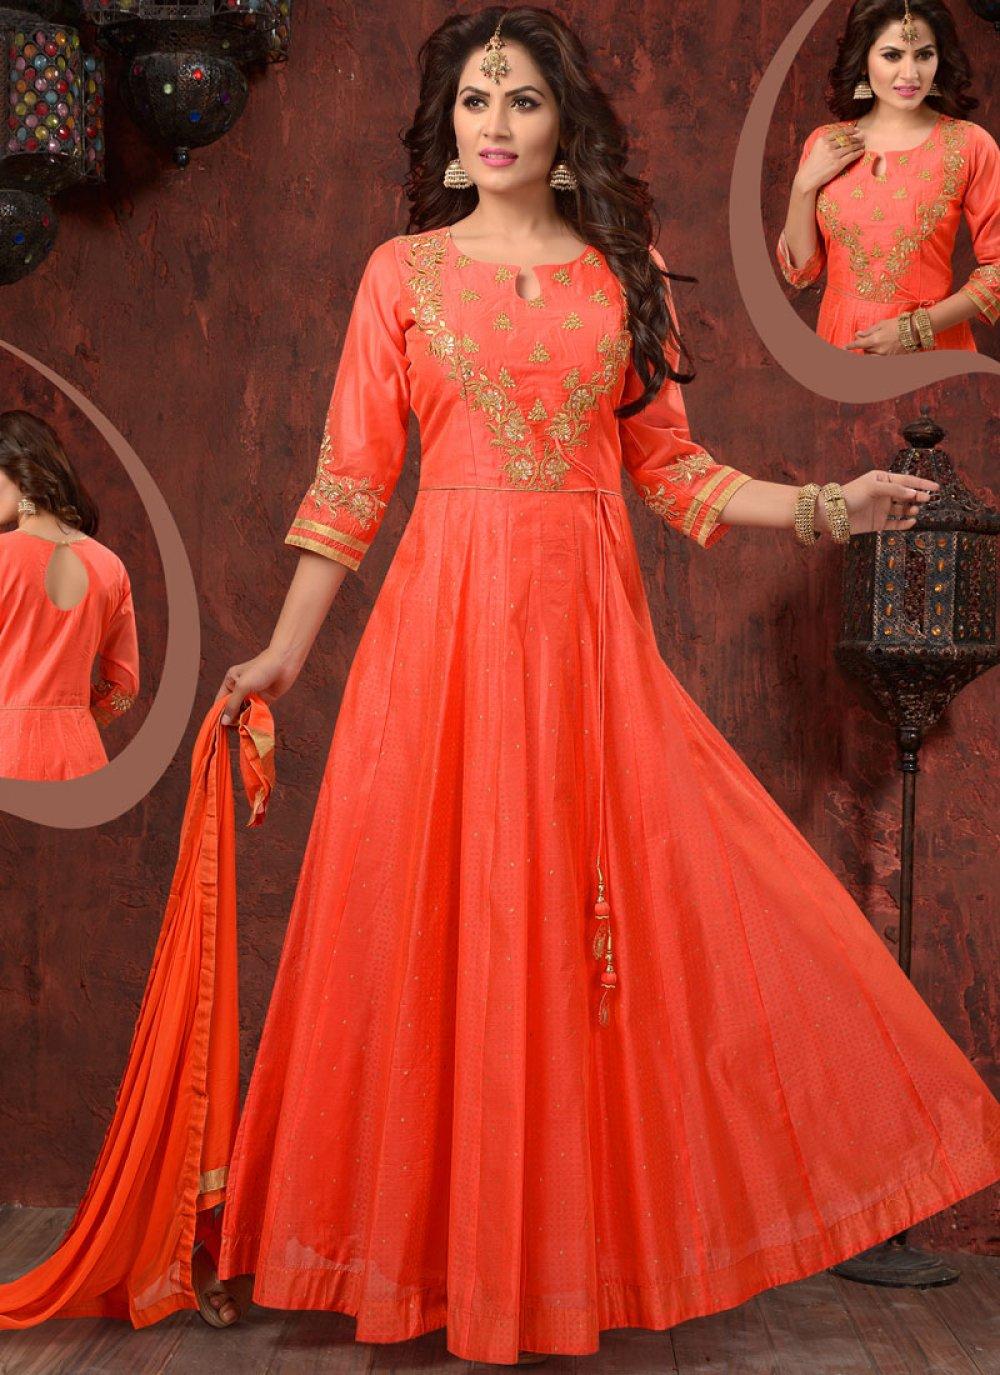 Resham Work Chanderi Readymade Anarkali Suit